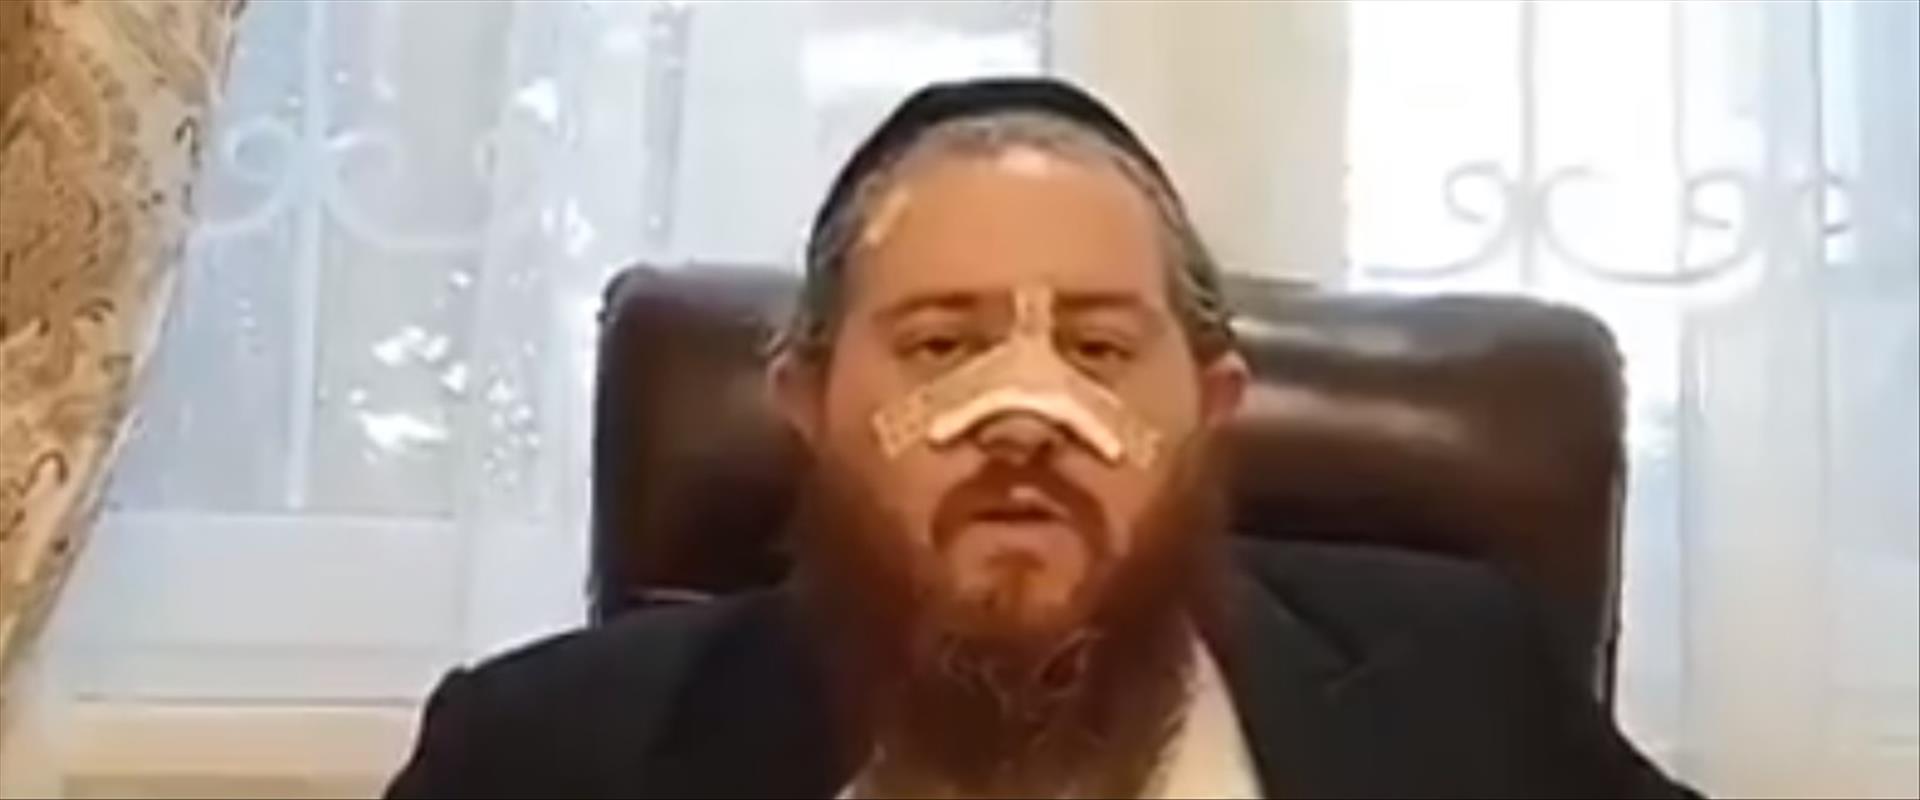 משה טנזר, שלטענתו הותקף באומן על ידי מקומיים